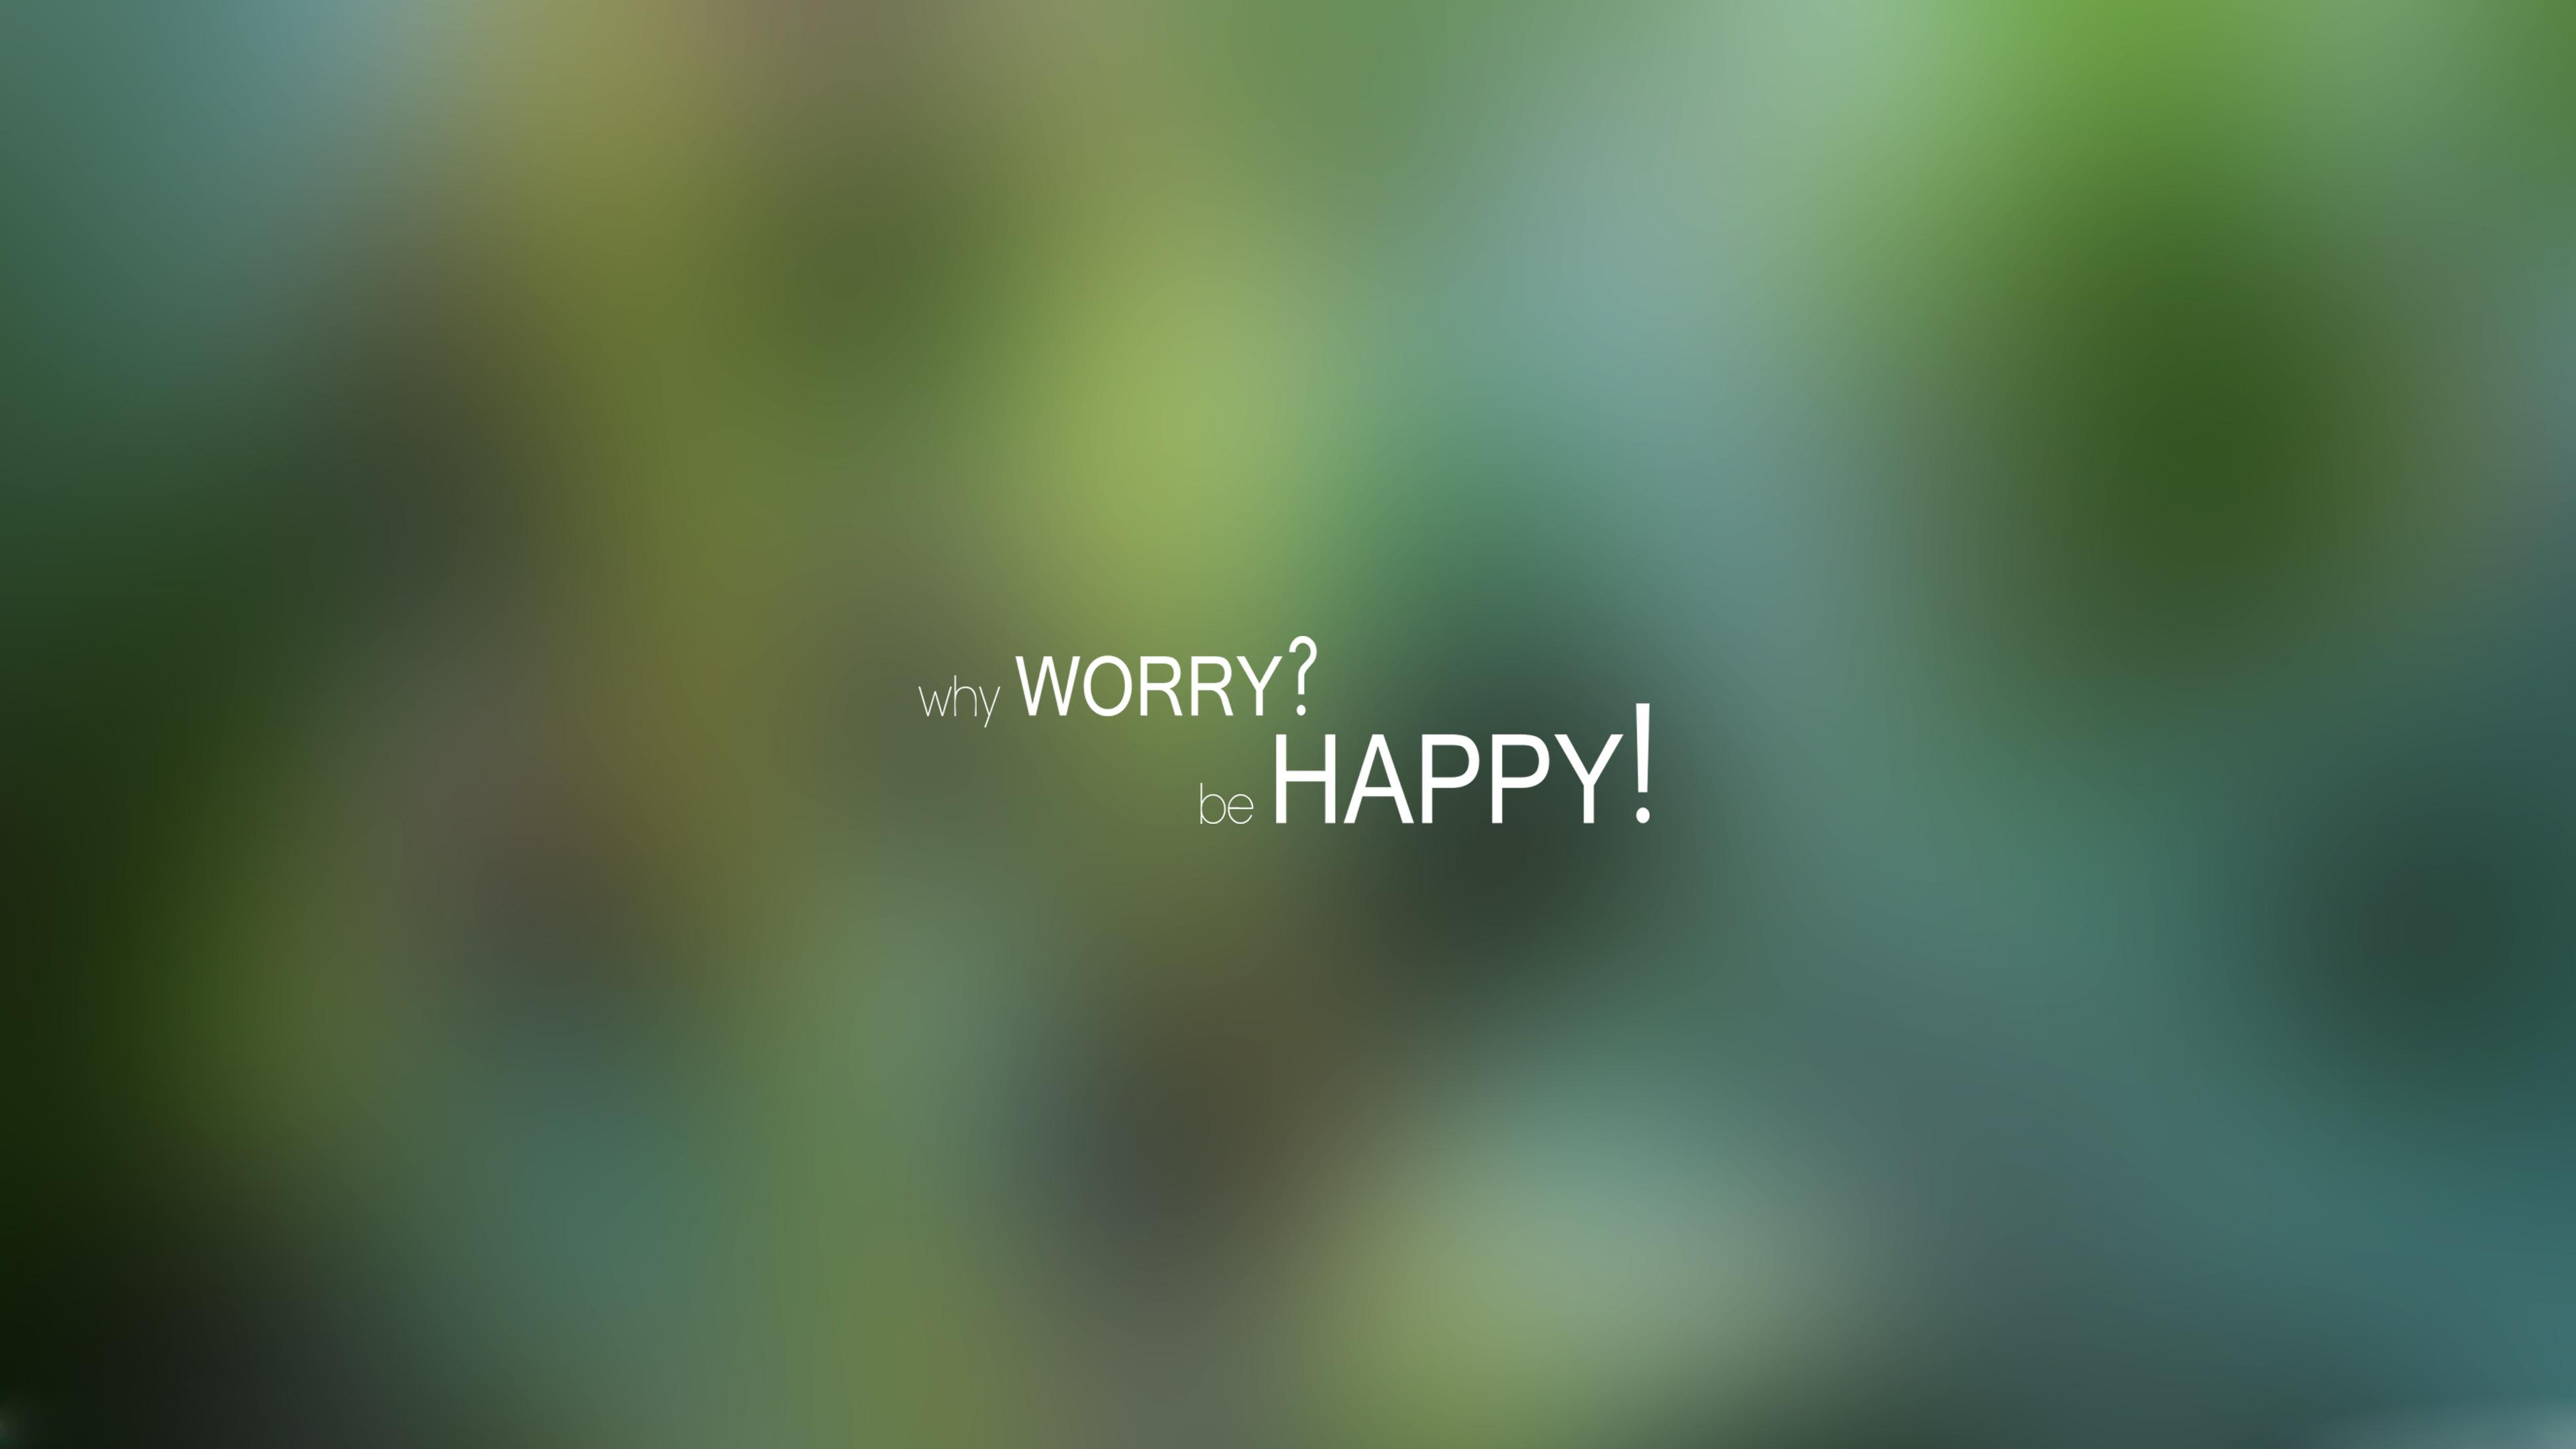 happy wallpapers hd pixelstalk